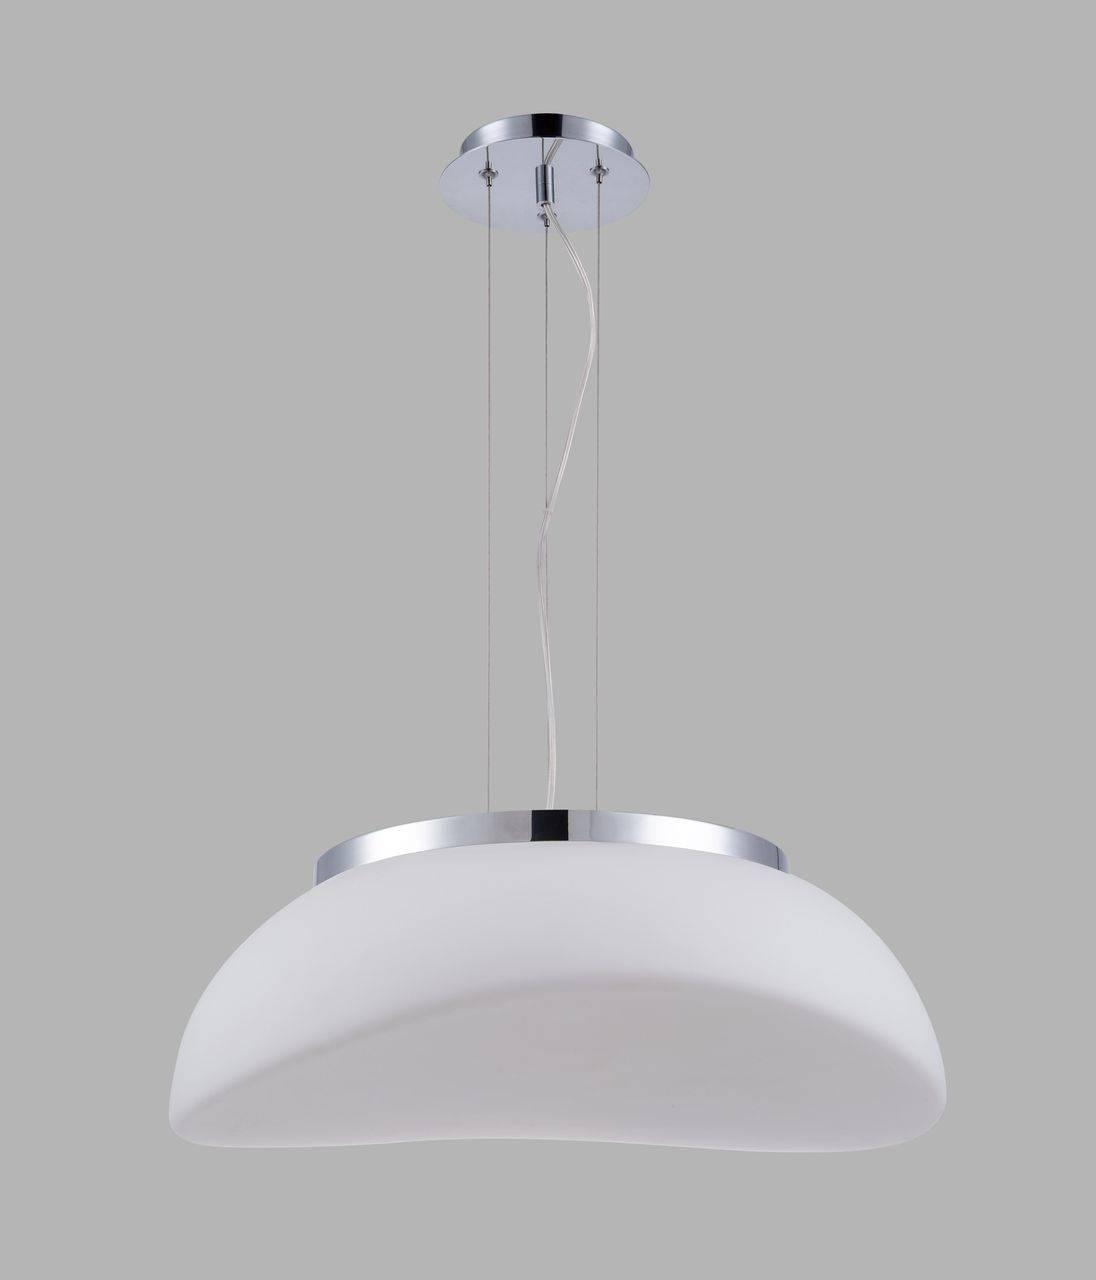 Подвесной светильник Mantra Opal 4892 подвесной светильник mantra opal 4892